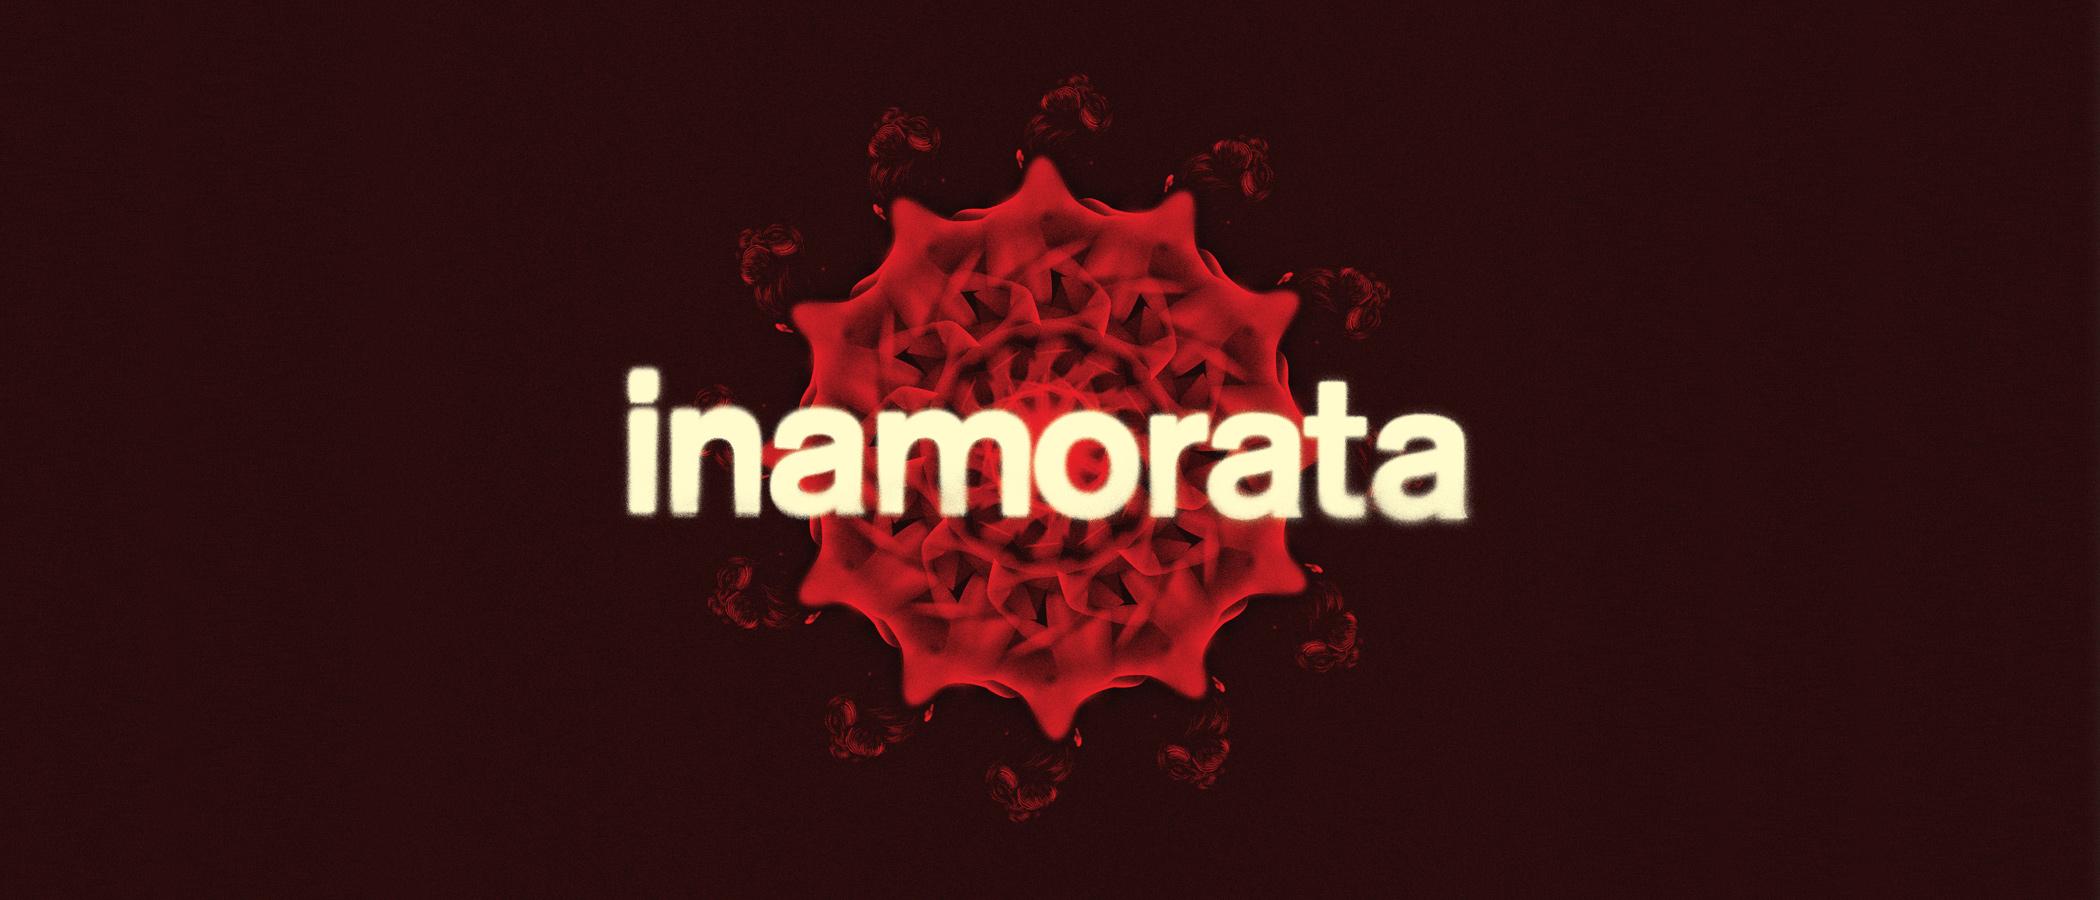 Inamorata-2100-x-900.jpg